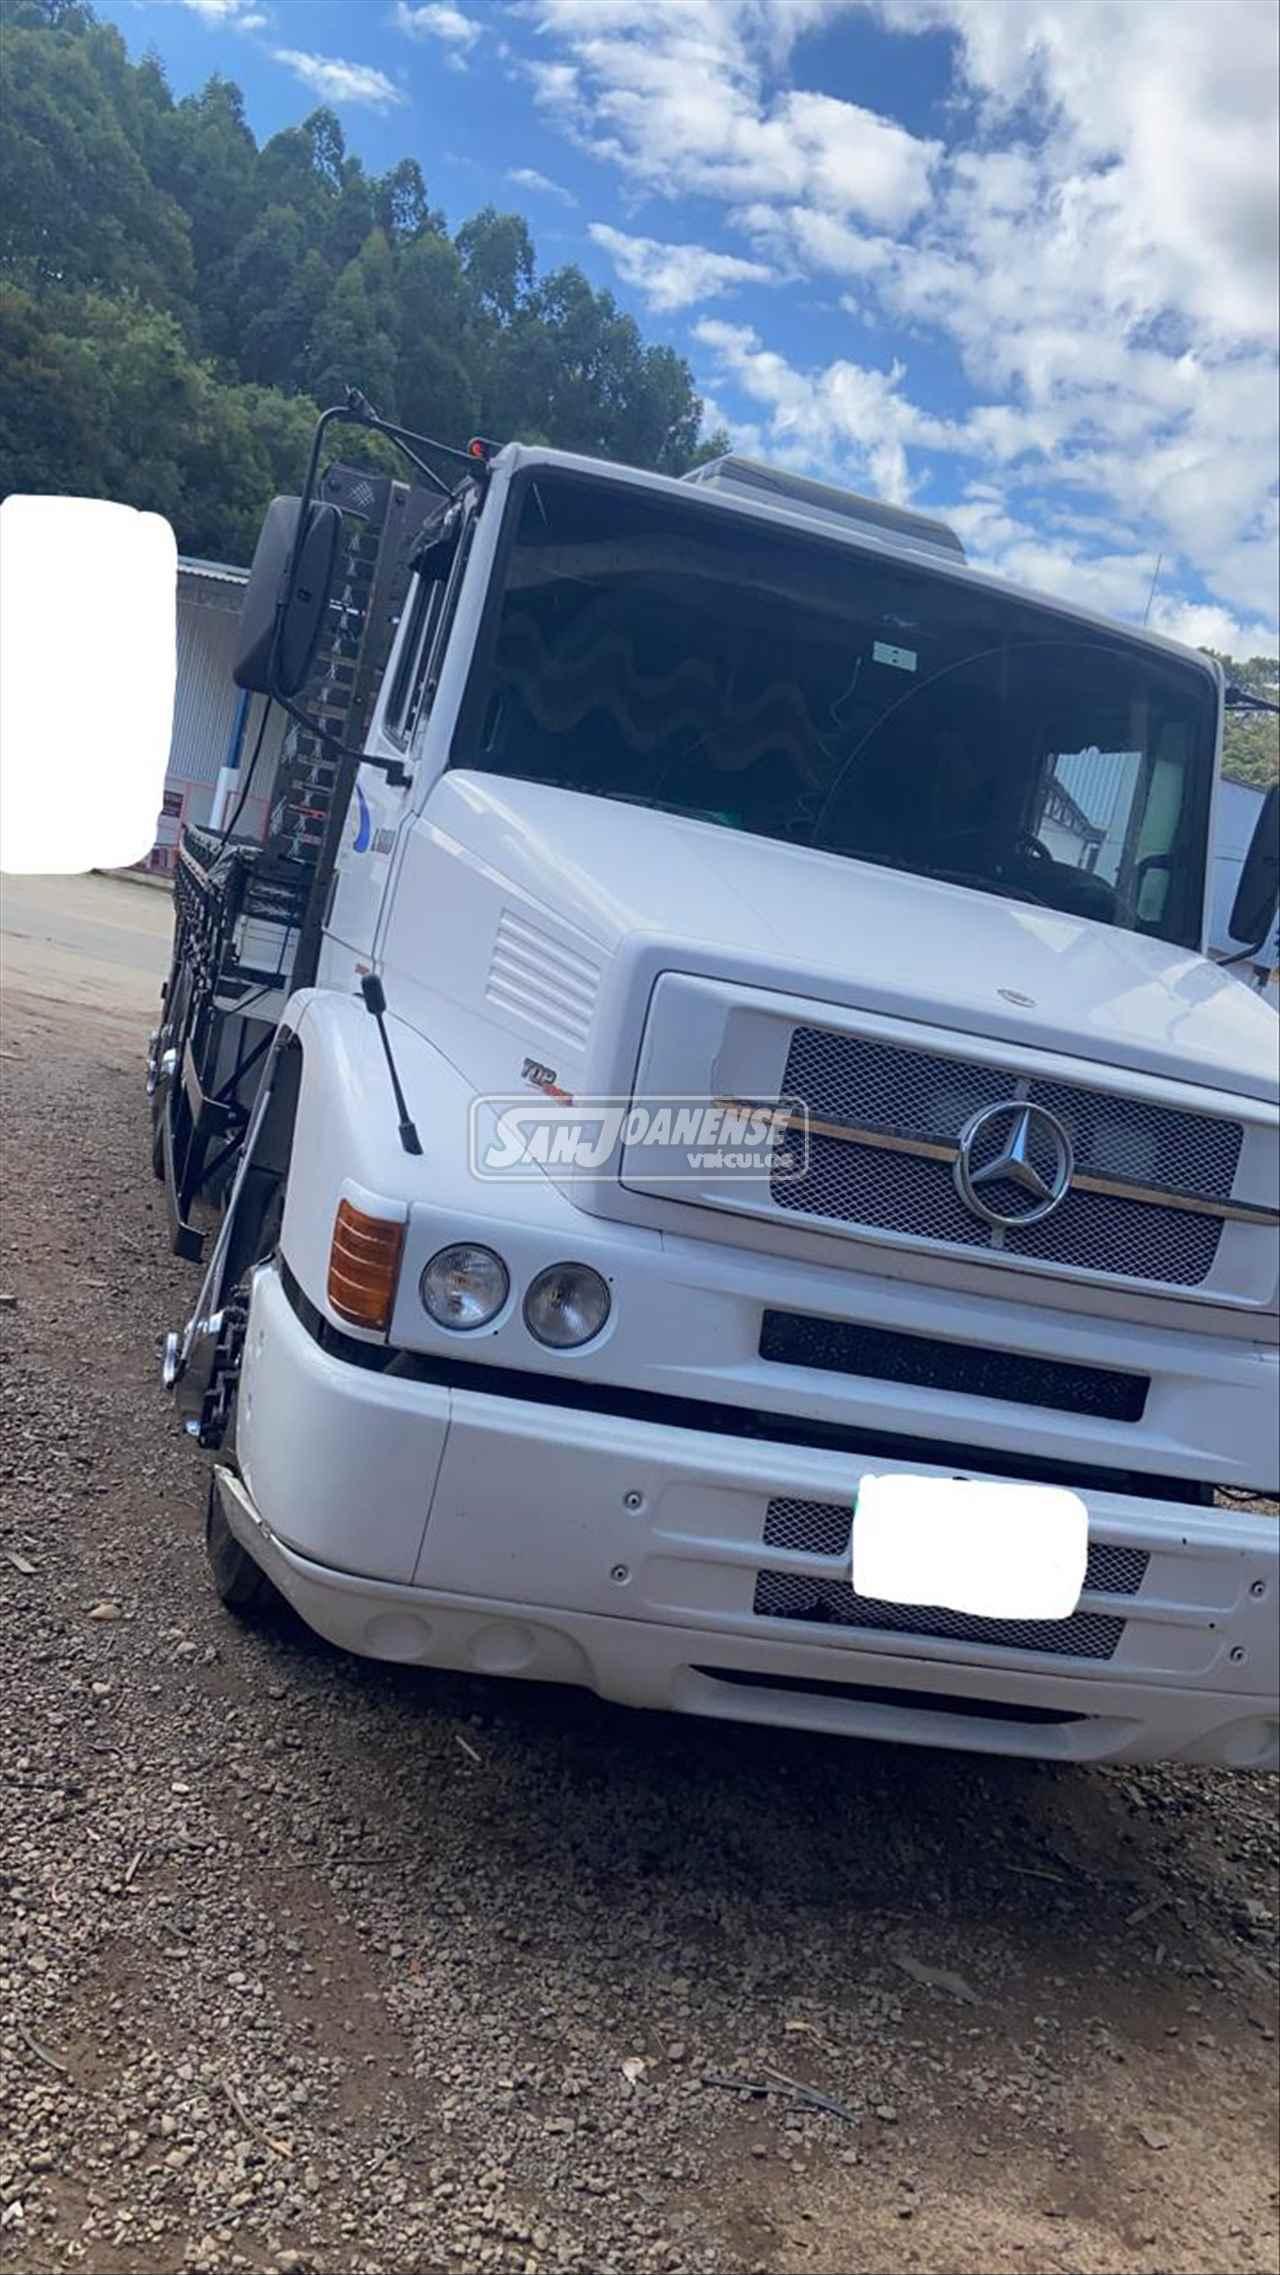 CAMINHAO MERCEDES-BENZ MB 1620 Carga Seca Truck 6x2 Sanjoanense Veículos SAO JOAO DA BOA VISTA SÃO PAULO SP